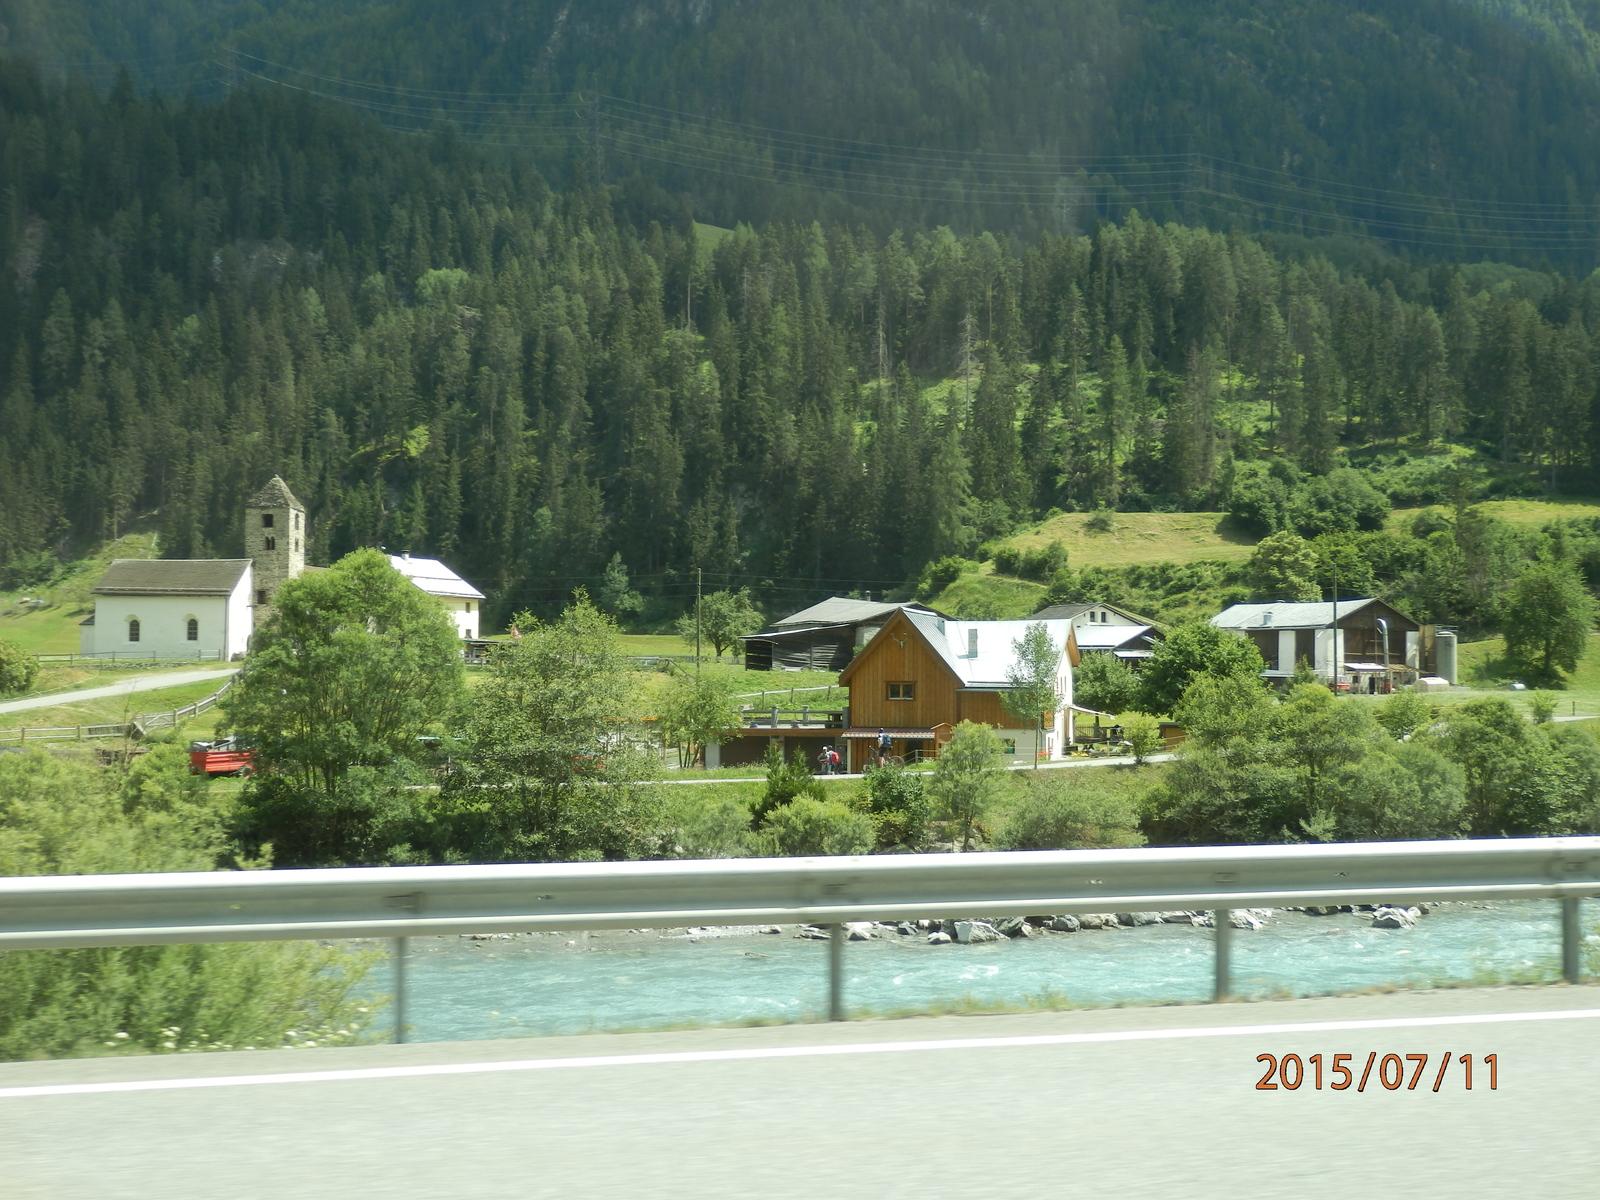 Бесплатный хостинг в швейцарии семантическое ядро натяжнеы потолки